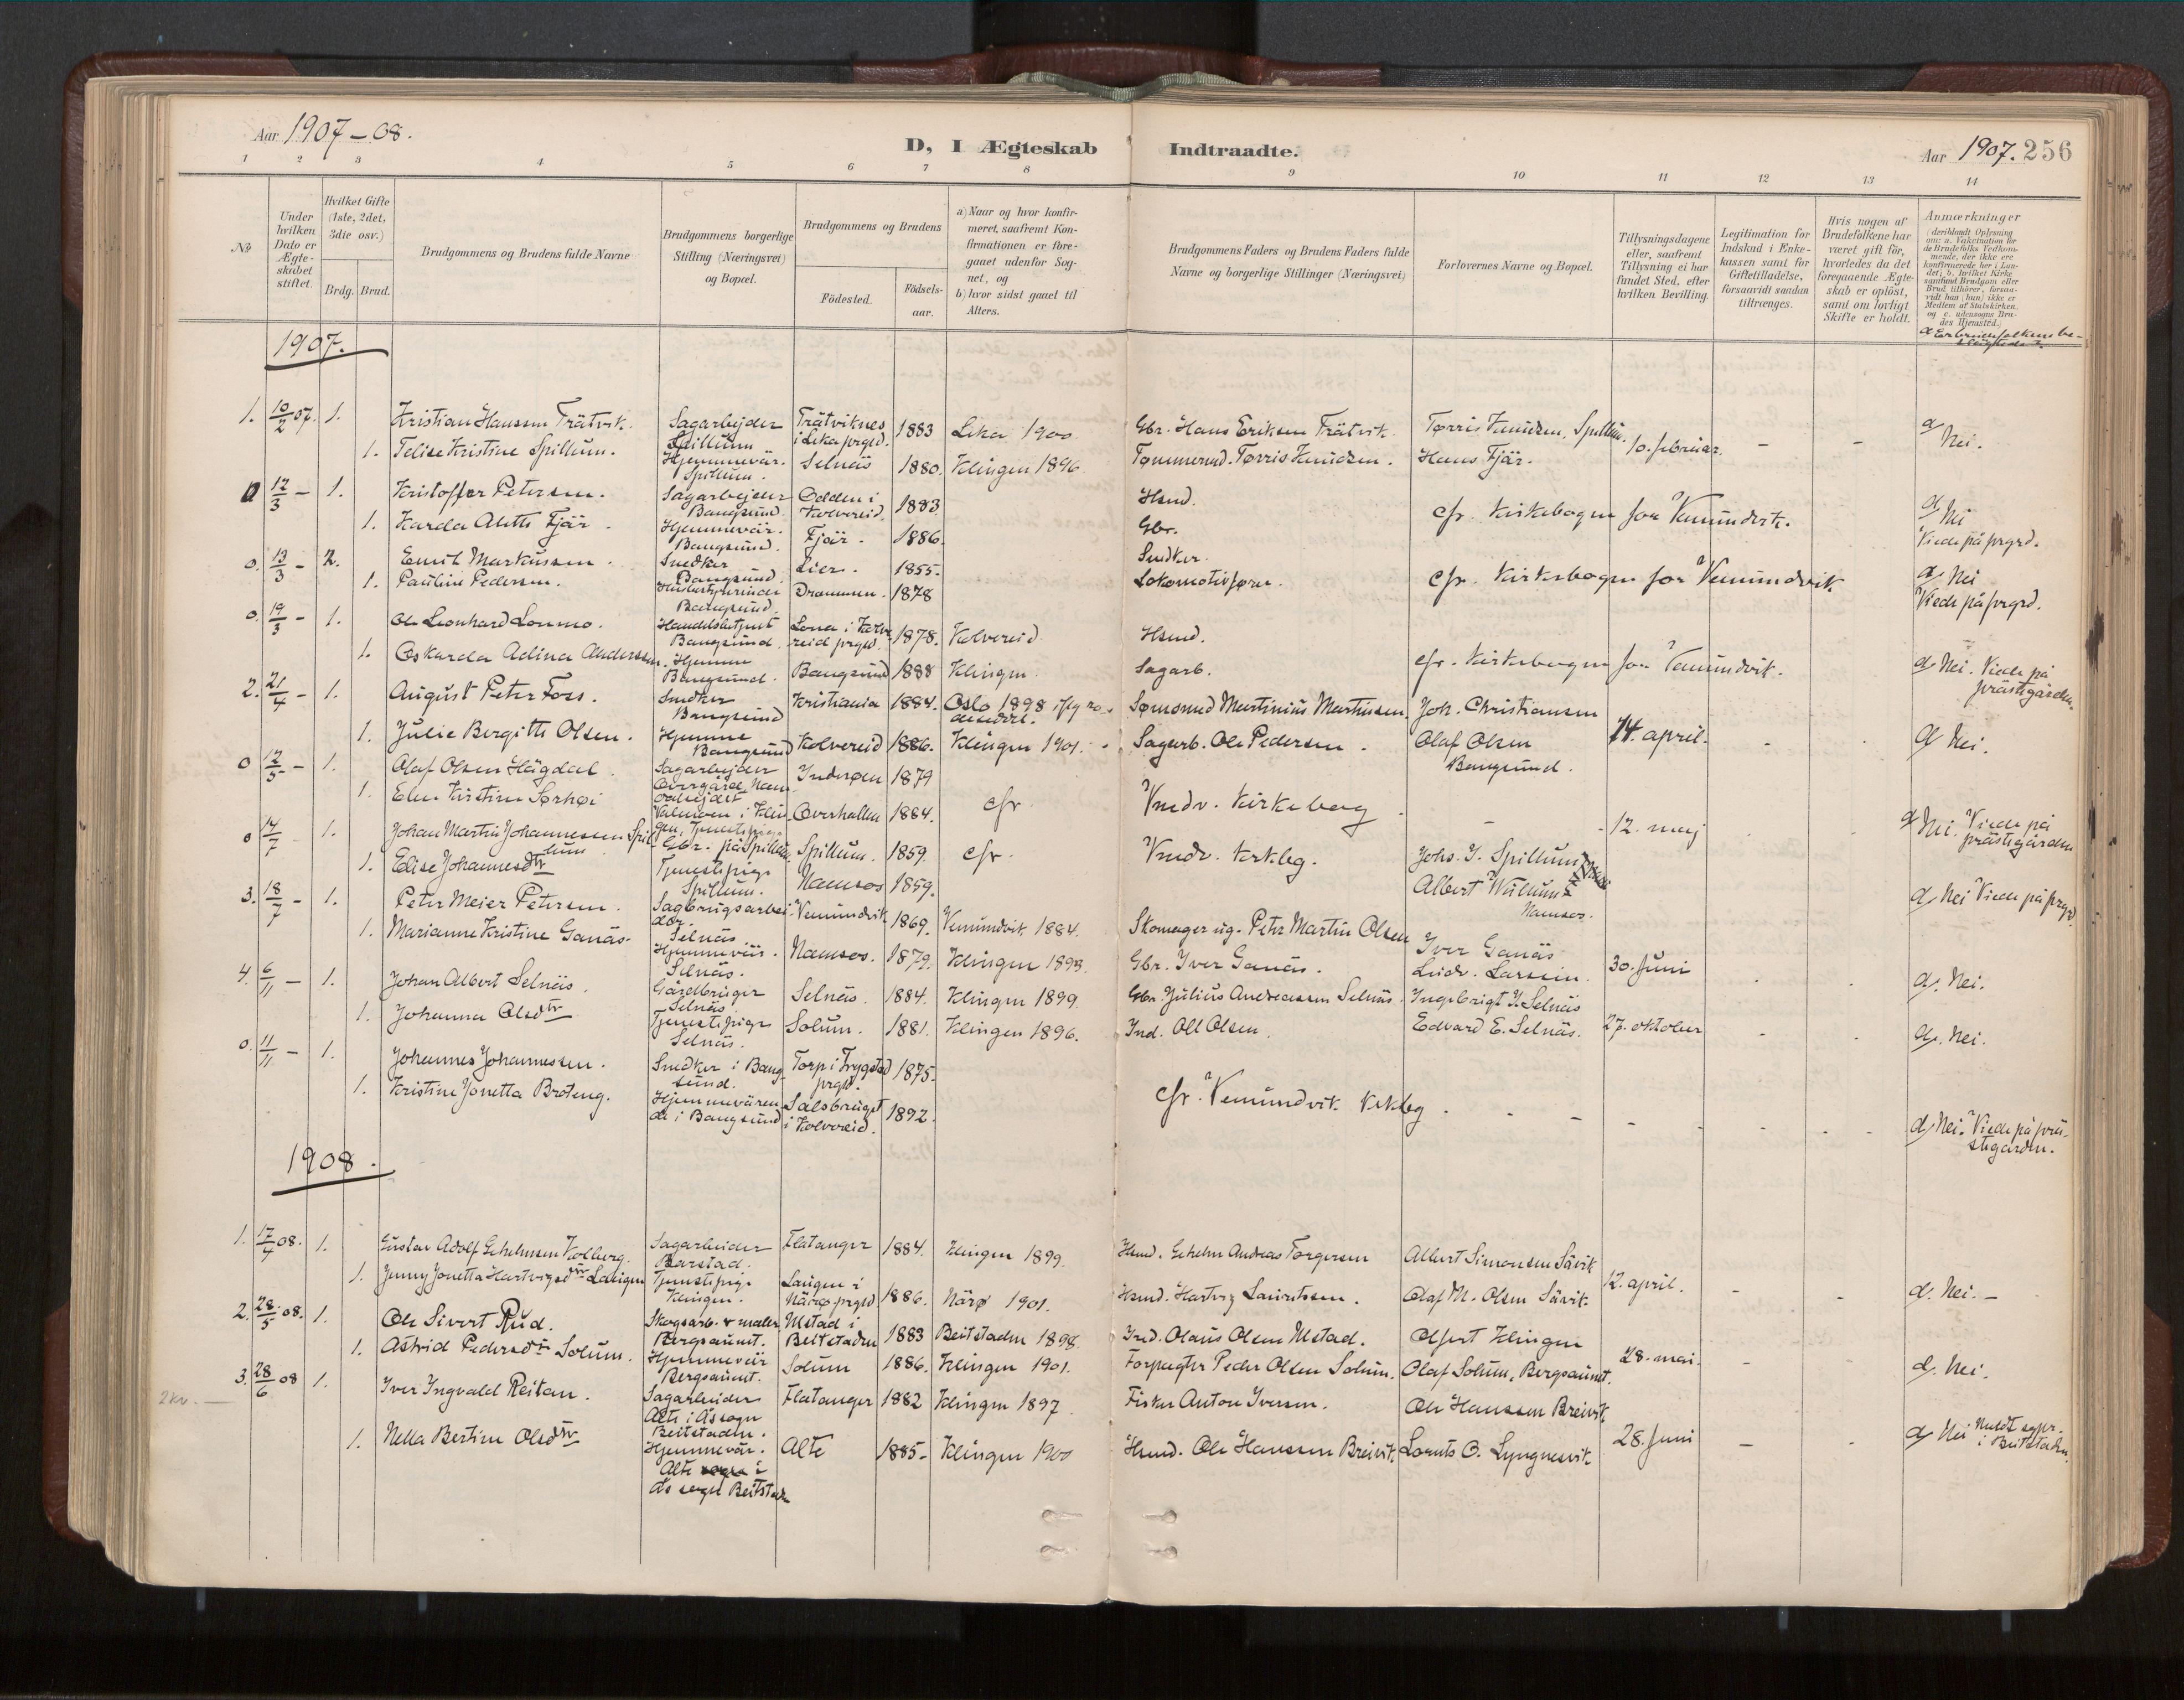 SAT, Ministerialprotokoller, klokkerbøker og fødselsregistre - Nord-Trøndelag, 770/L0589: Ministerialbok nr. 770A03, 1887-1929, s. 256